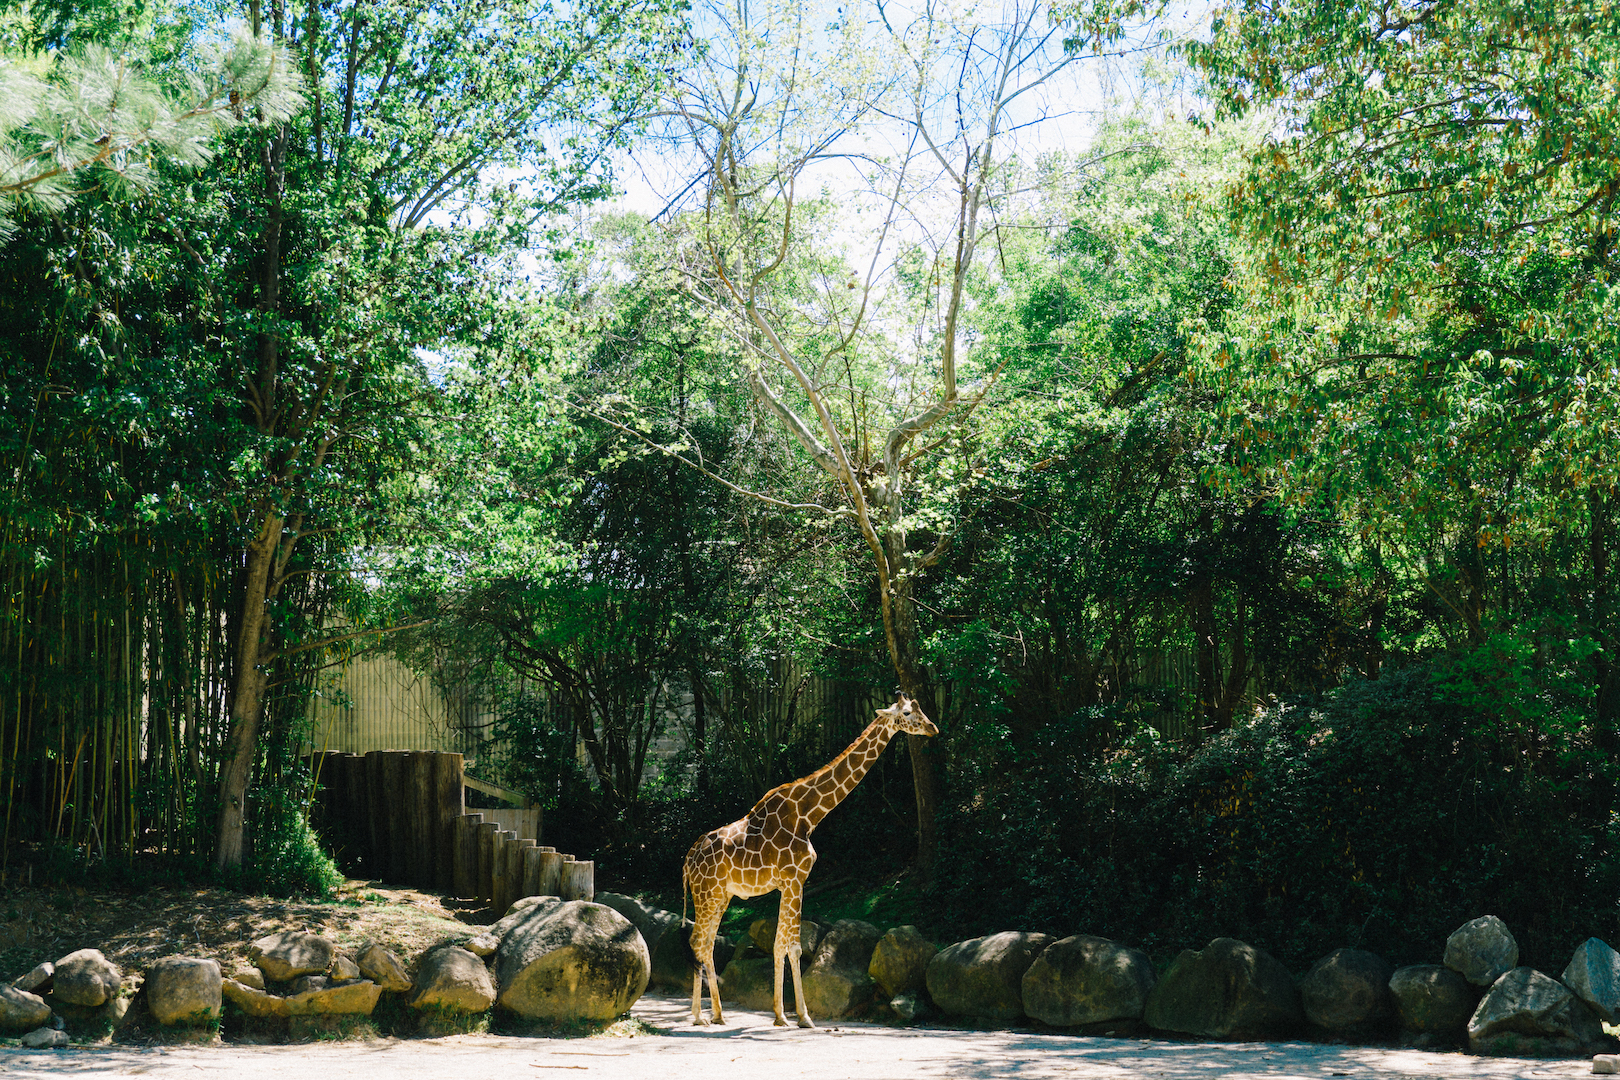 Giraffe in field